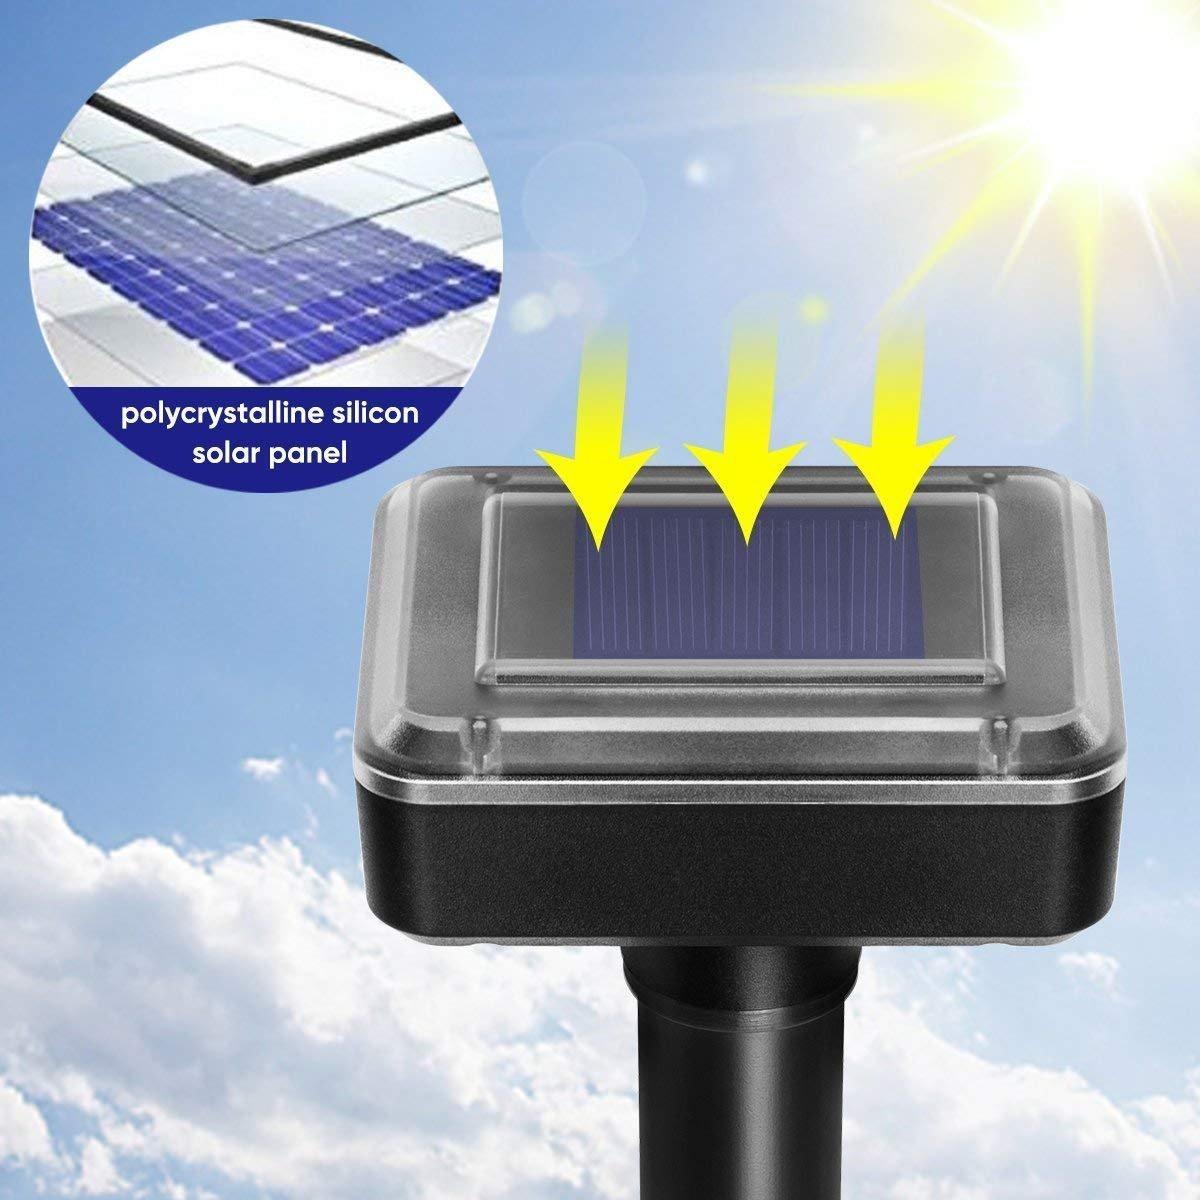 Amazon.com: GYM HEROES - Lámpara solar para exteriores ...